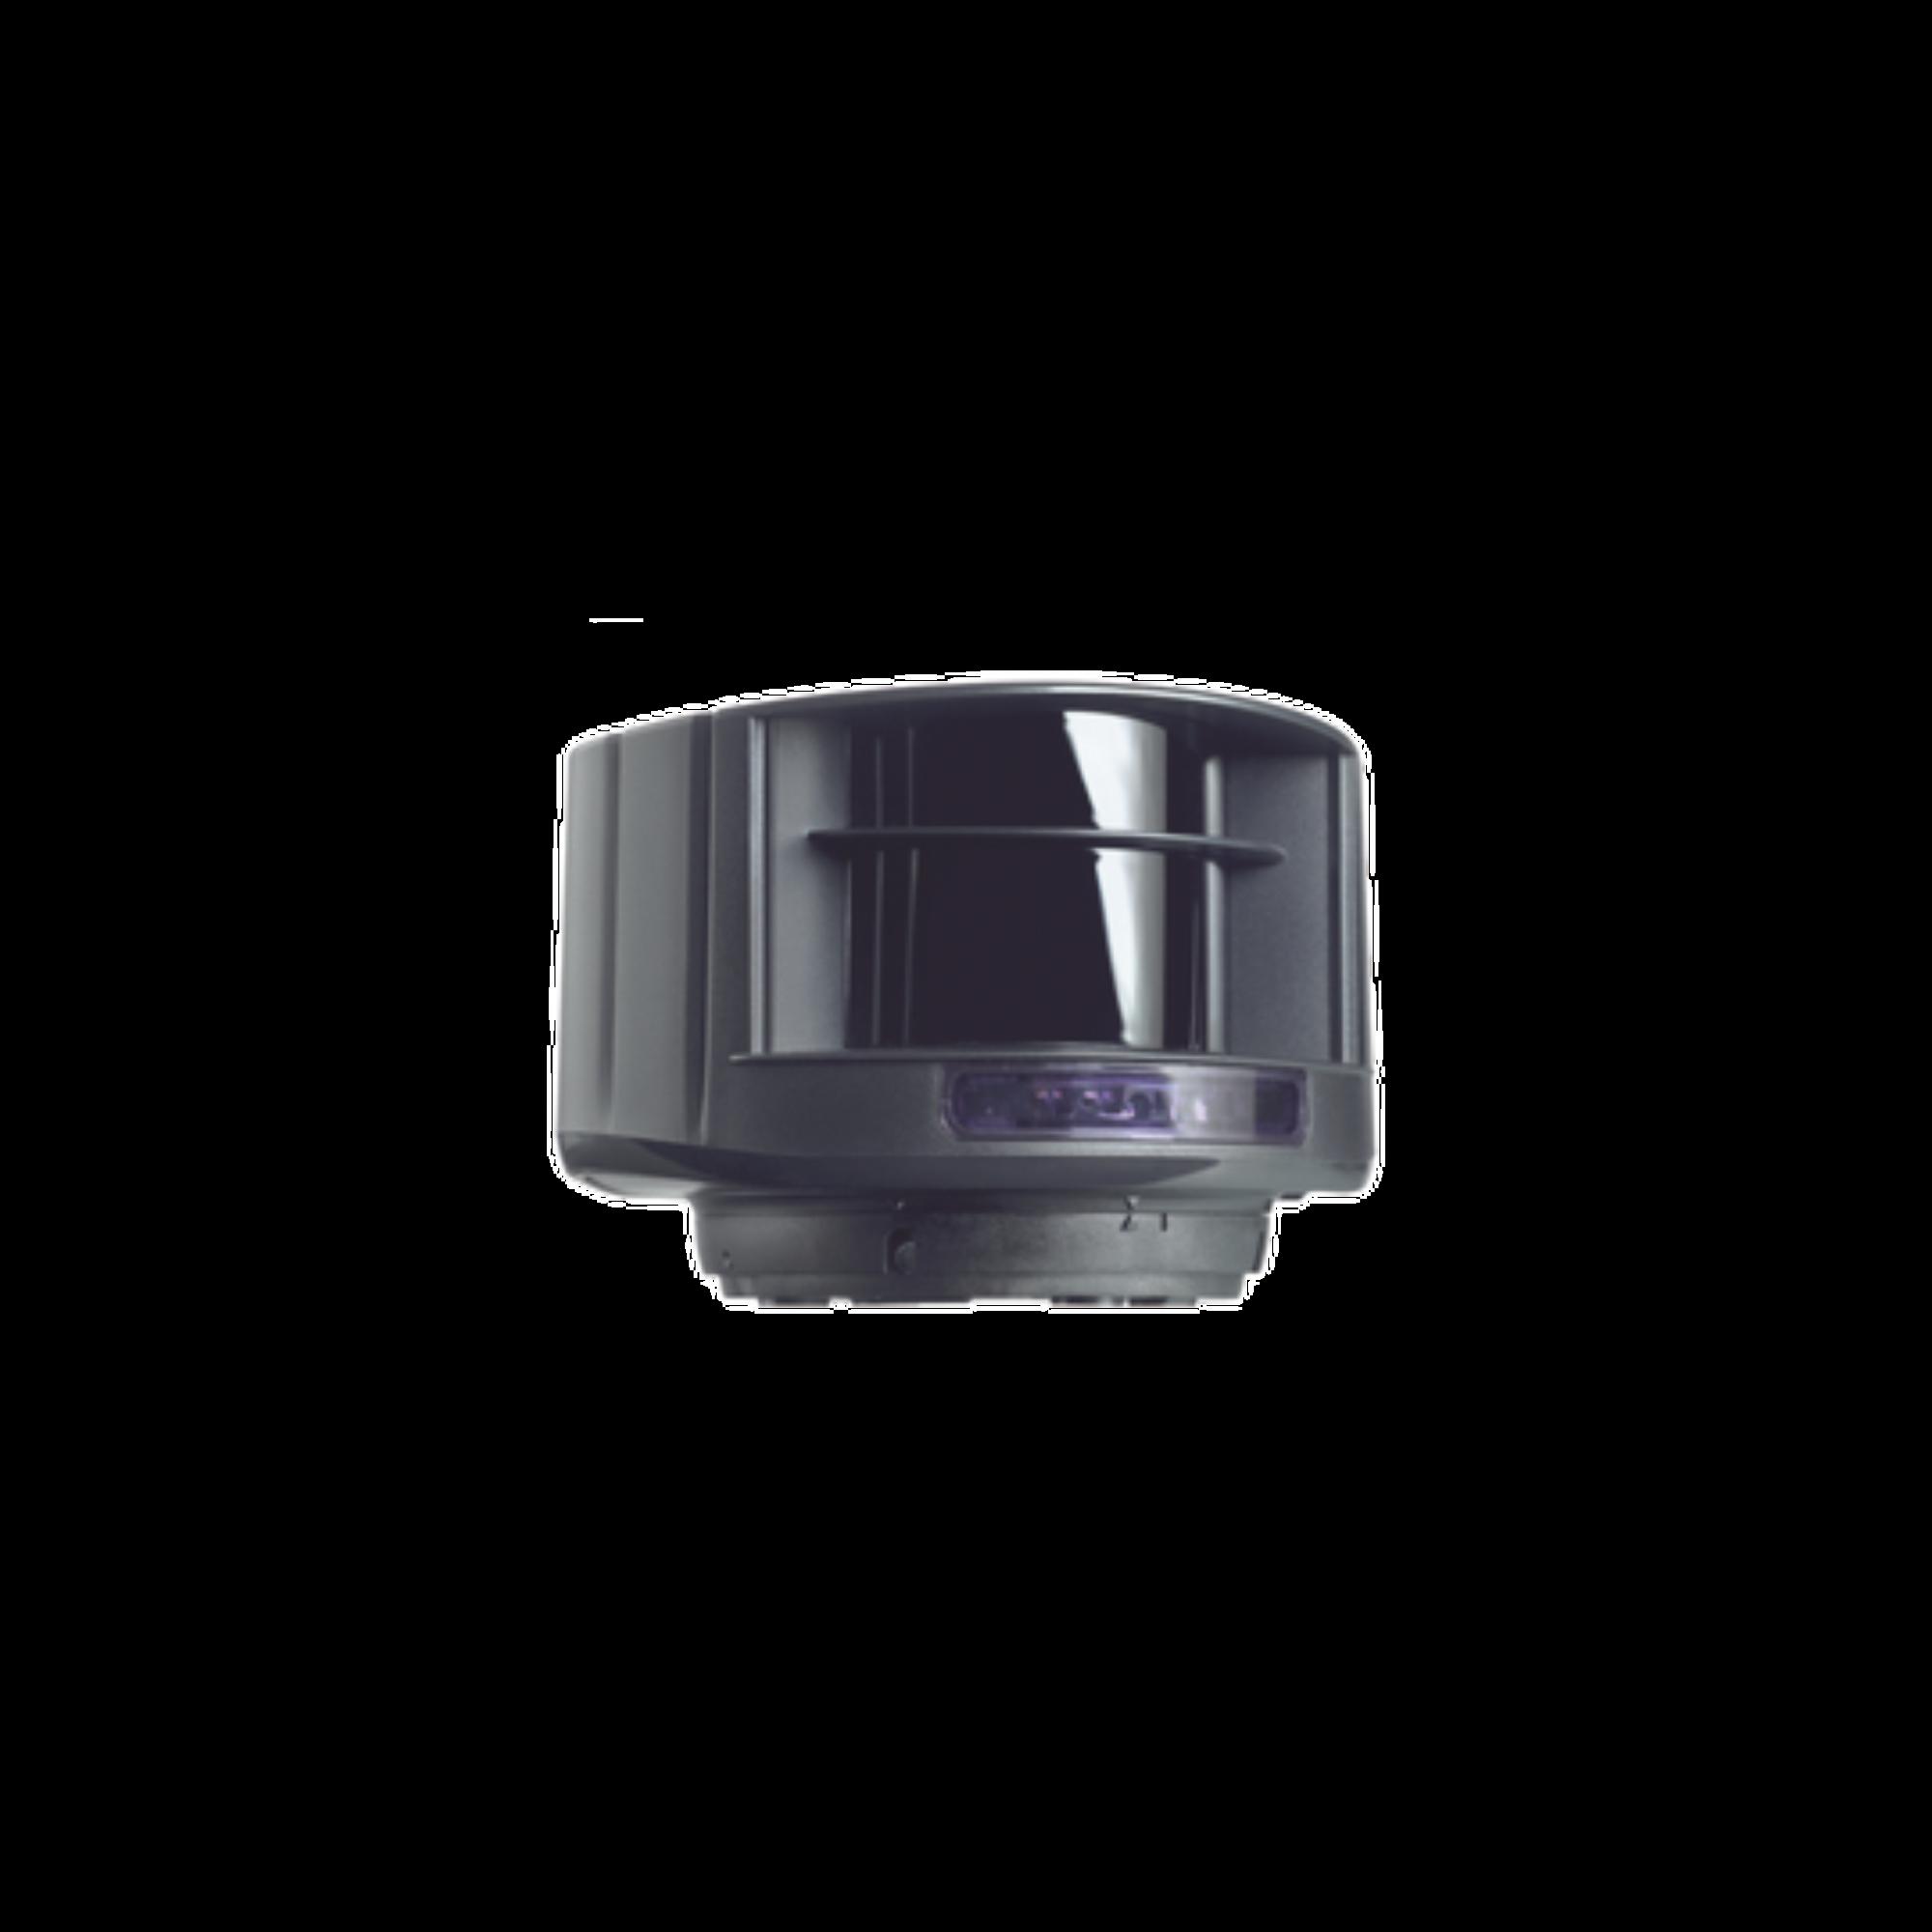 Sensor láser para barreras vehiculares y puertas / Evite el uso de lazos magnéticos / Protege carriles de hasta 9.6 m de ancho y 9.6 metros de profundidad